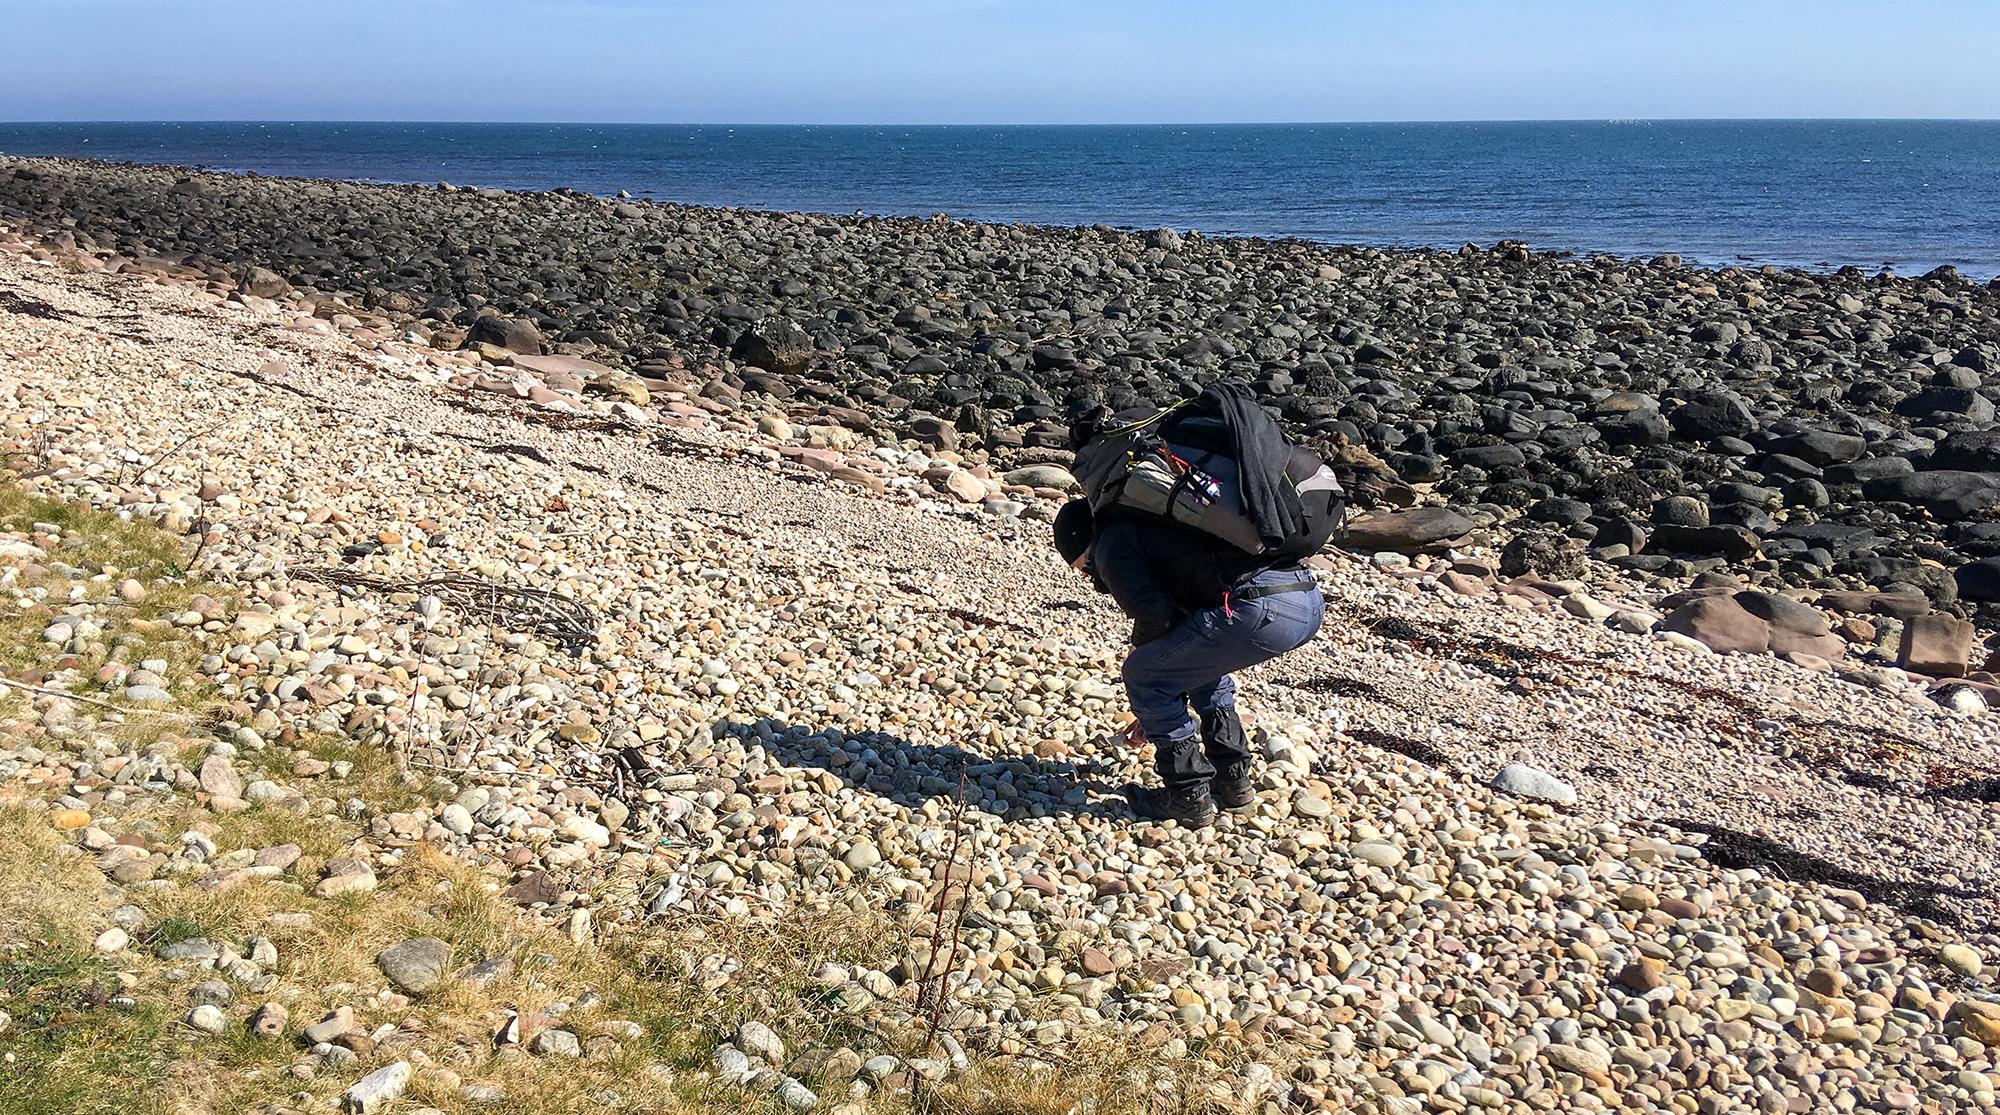 Frau mit Rucksack sammelt Steine am Strand